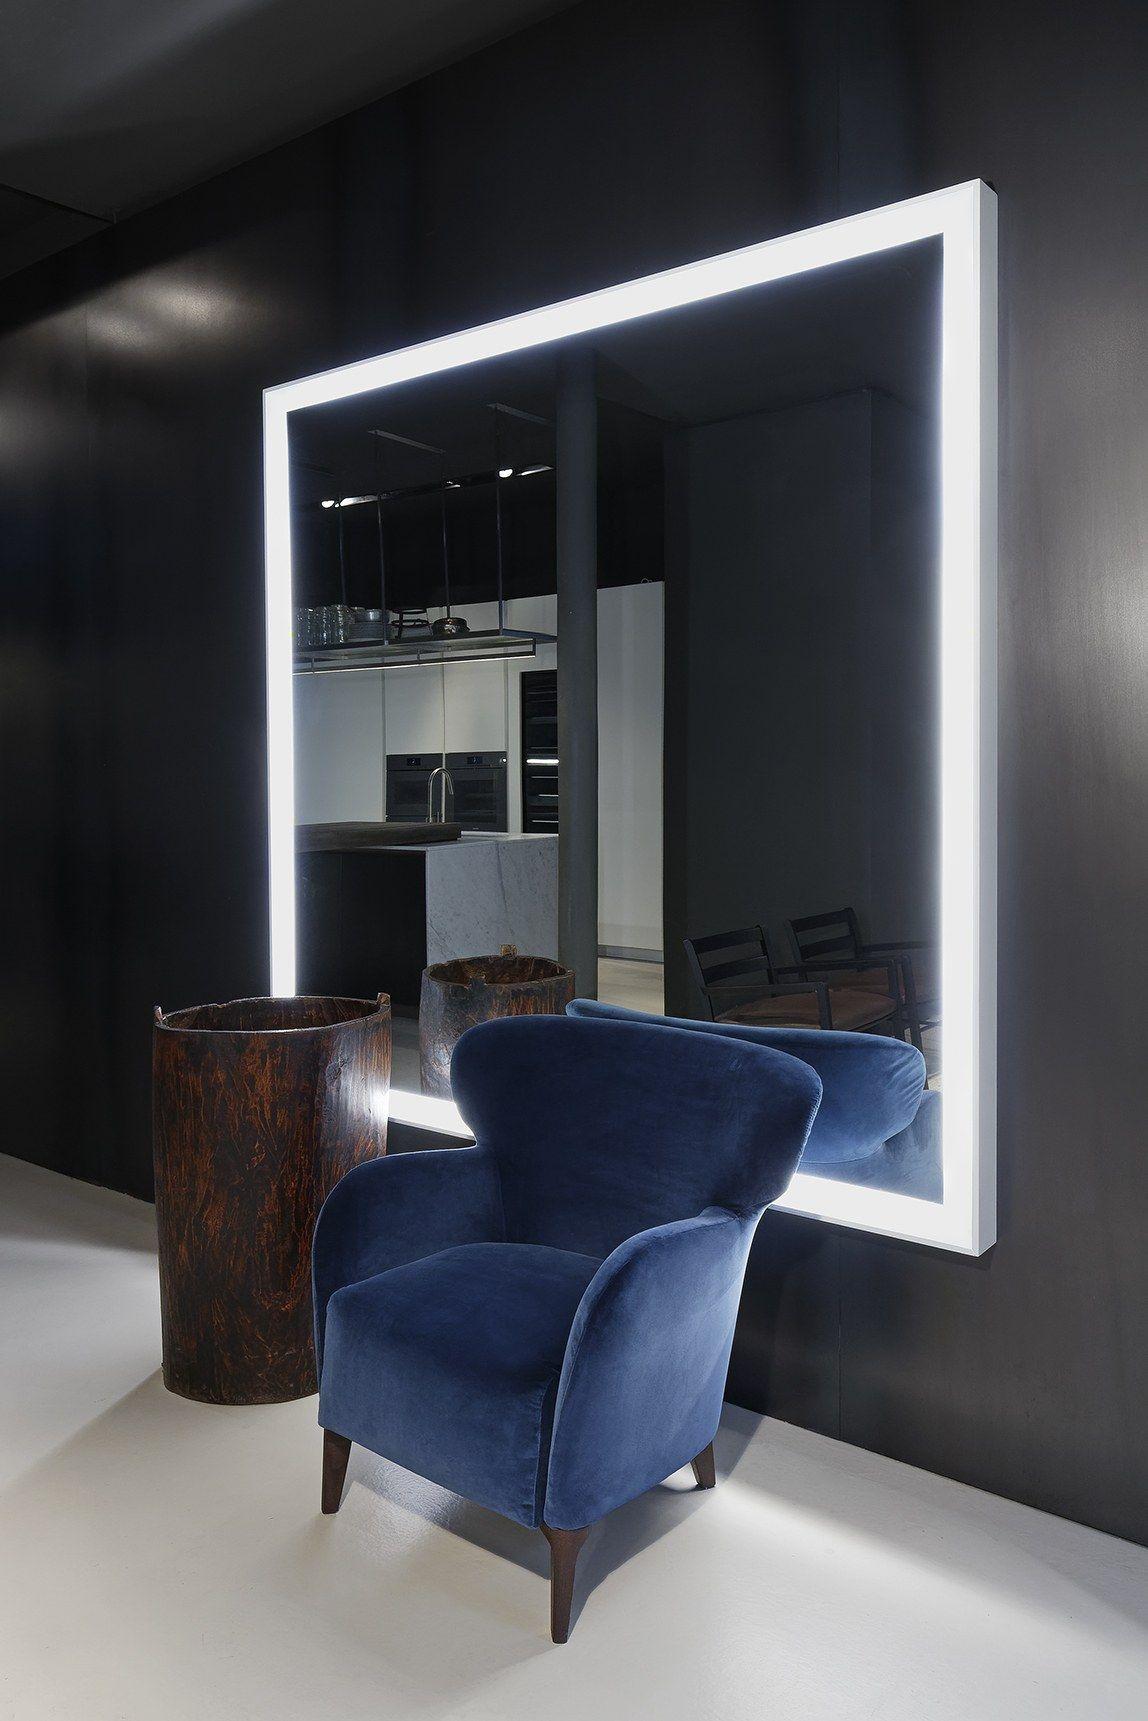 De Padova La Celebre Marque De Design Italienne A Ouvert Une Boutique A Paris Design Italien Design Et Mobilier De Salon